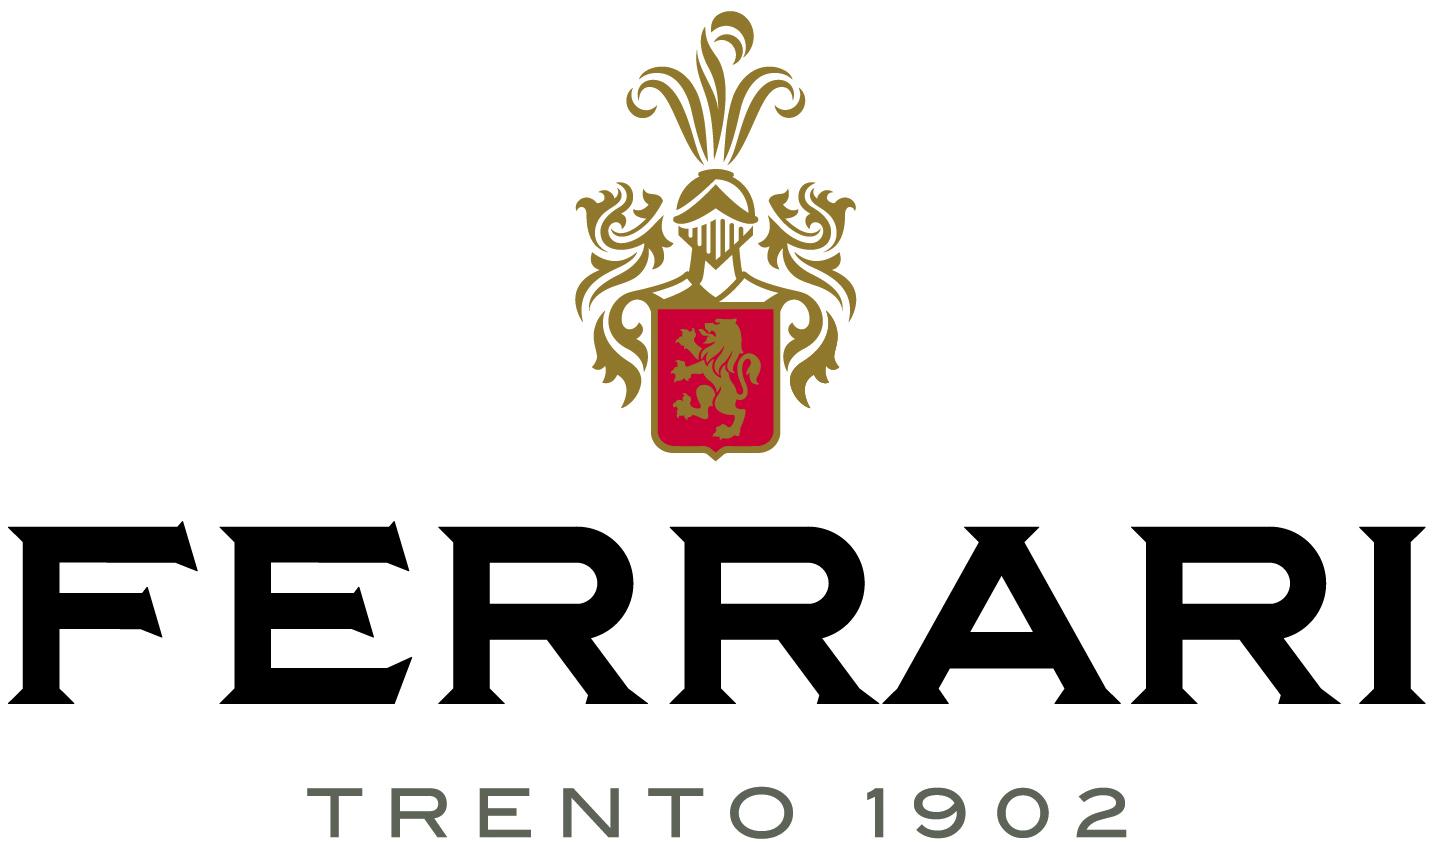 Ferrari Prosecco